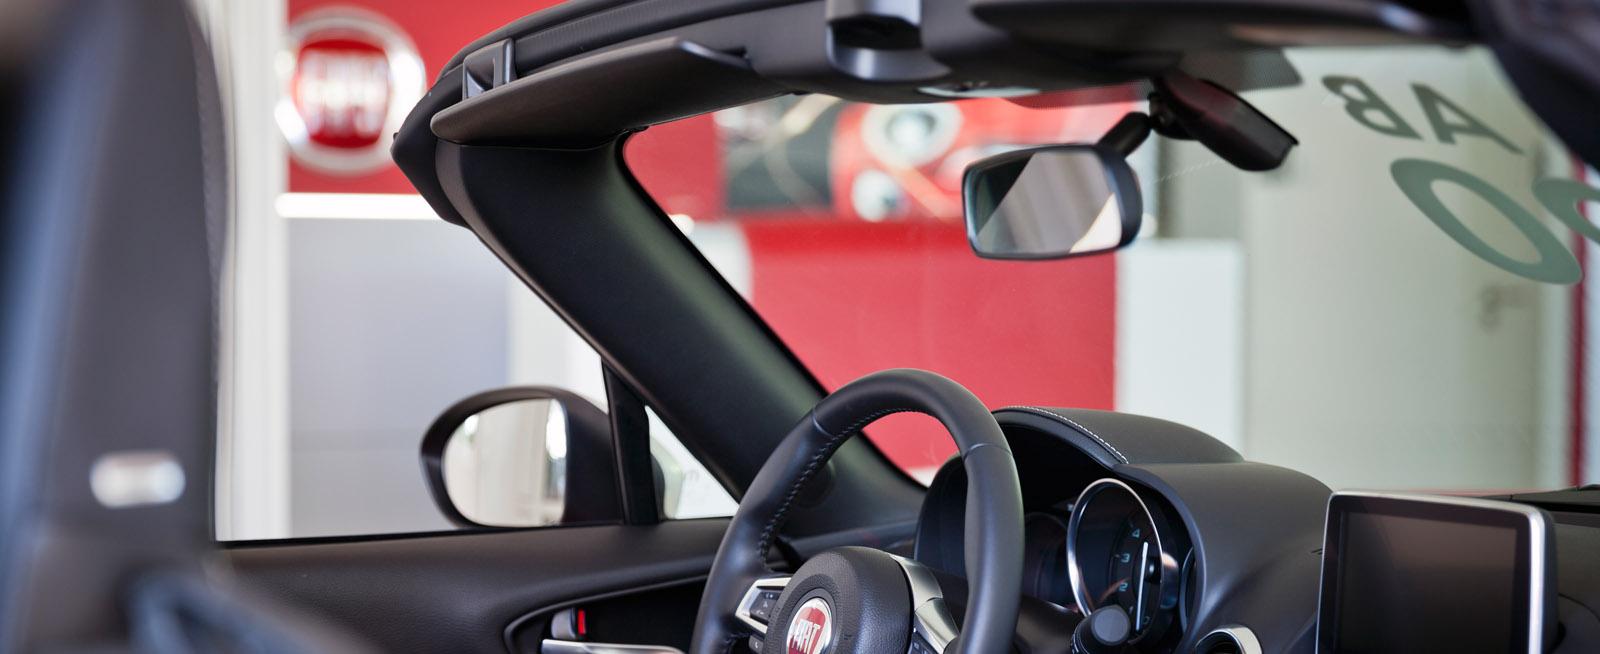 Fahrzeugzubehör - Verkauf und Einbau